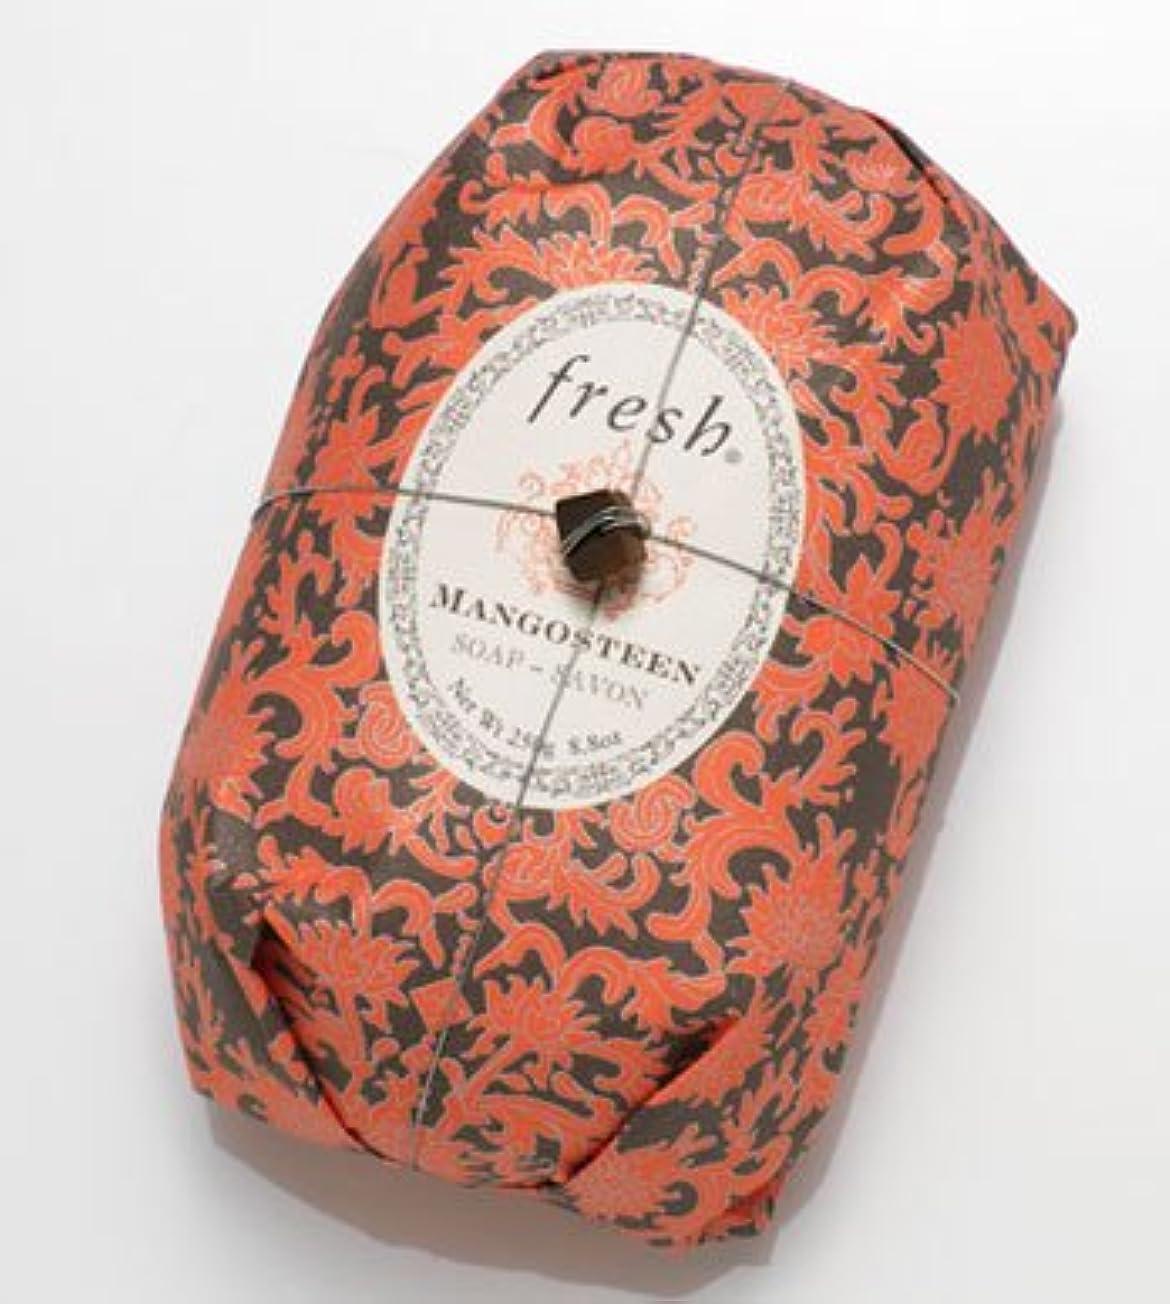 天才豆腐無能Fresh MANGOSTEEN SOAP (フレッシュ マンゴスチーン ソープ) 8.8 oz (250g) Soap (石鹸) by Fresh